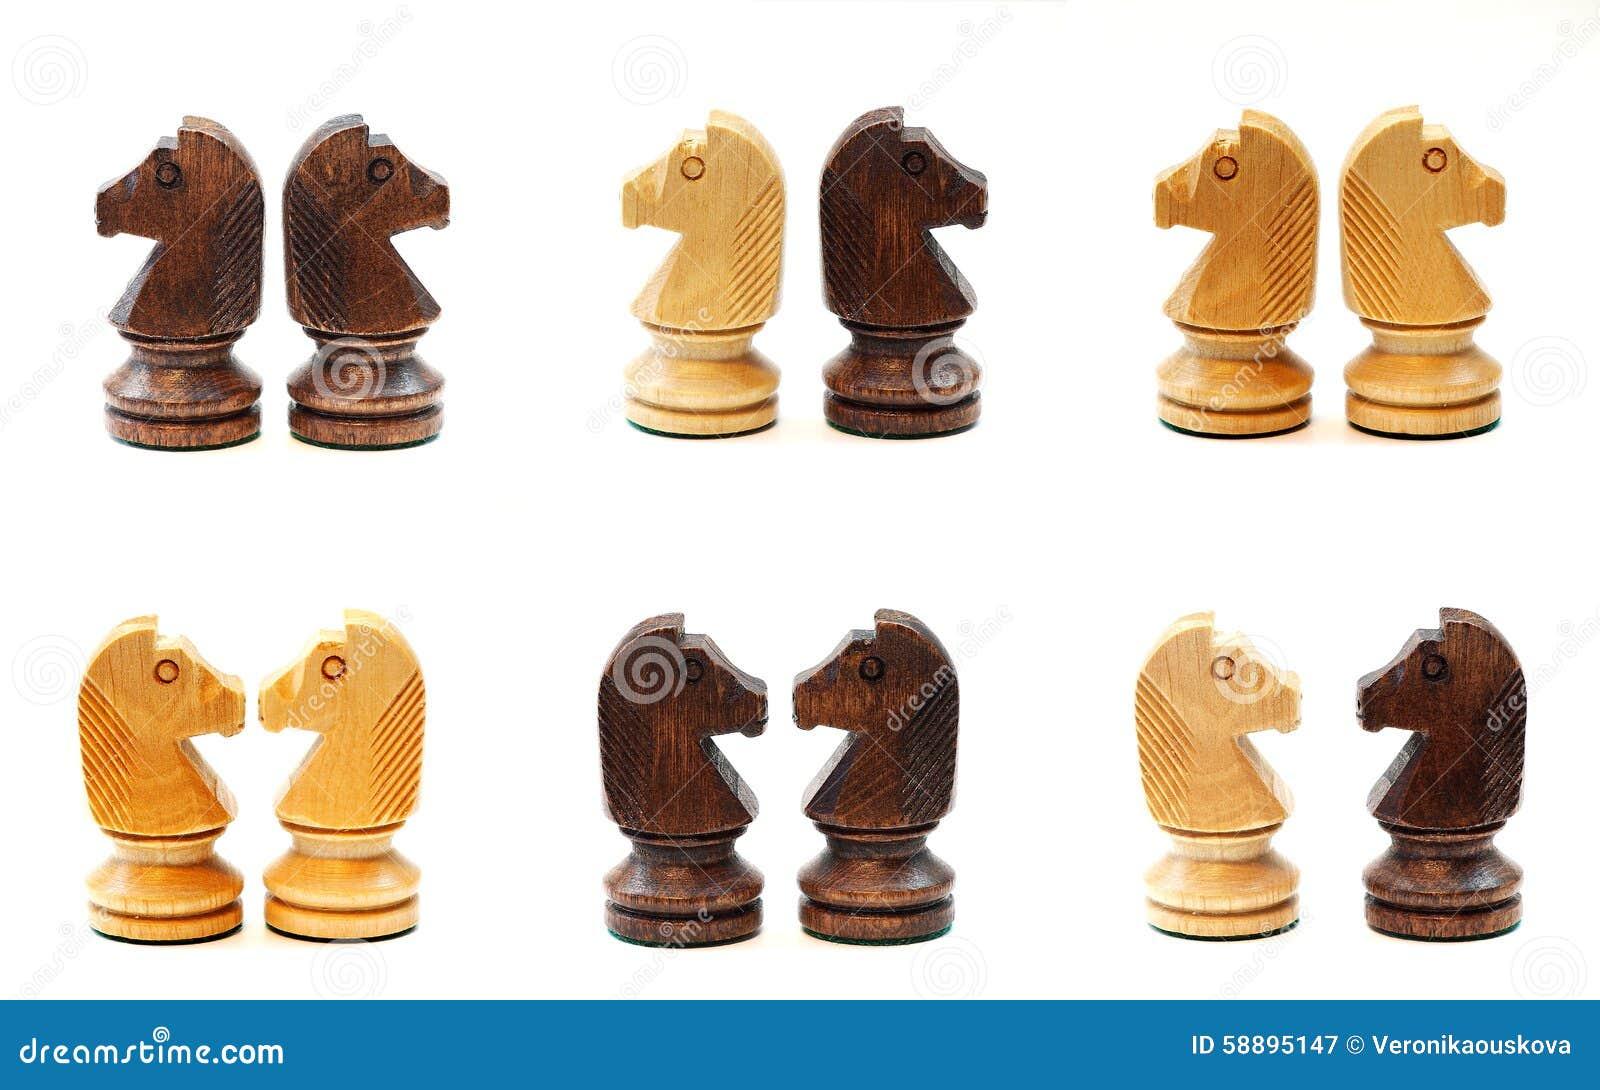 Schaakpaarden in diverse positie